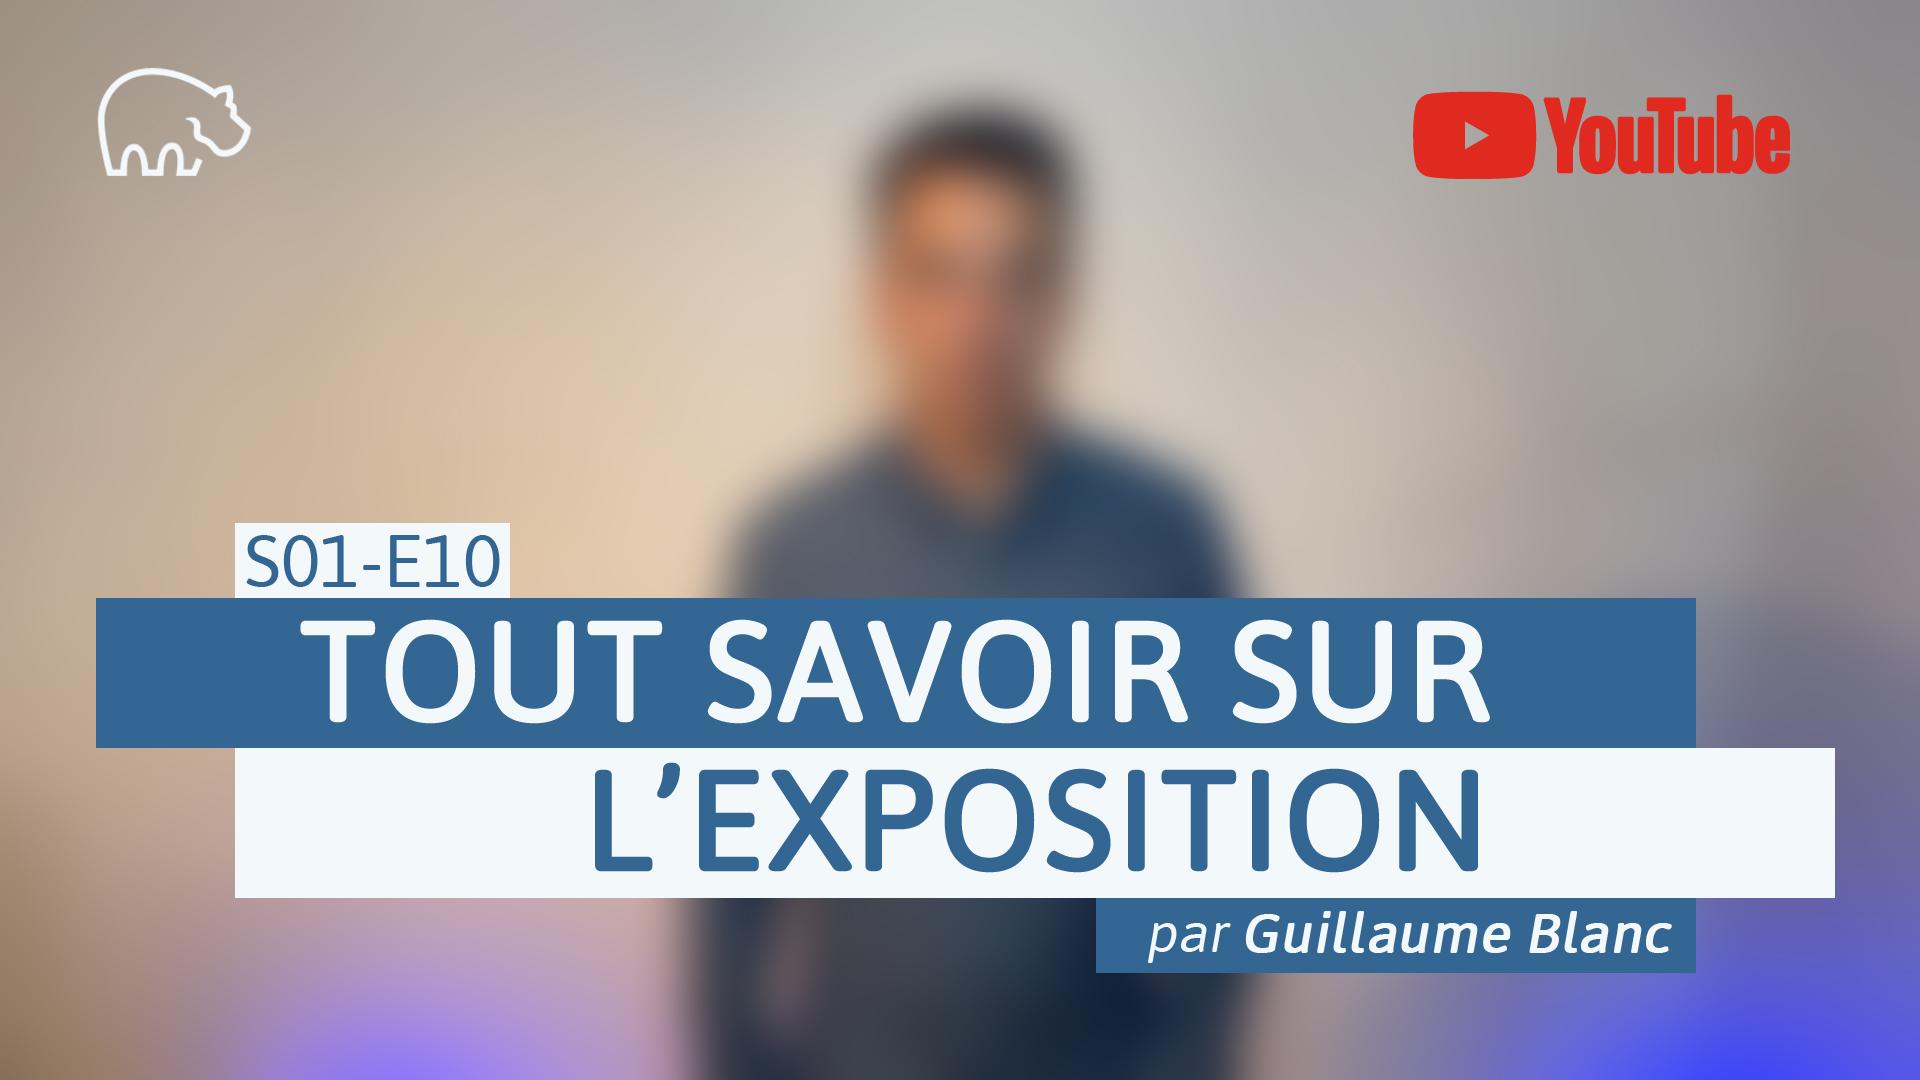 Bannière illustration - ImmoPotamTV - YouTube - Guillaume Blanc - S01-E10 - Tout savoir sur l'exposition